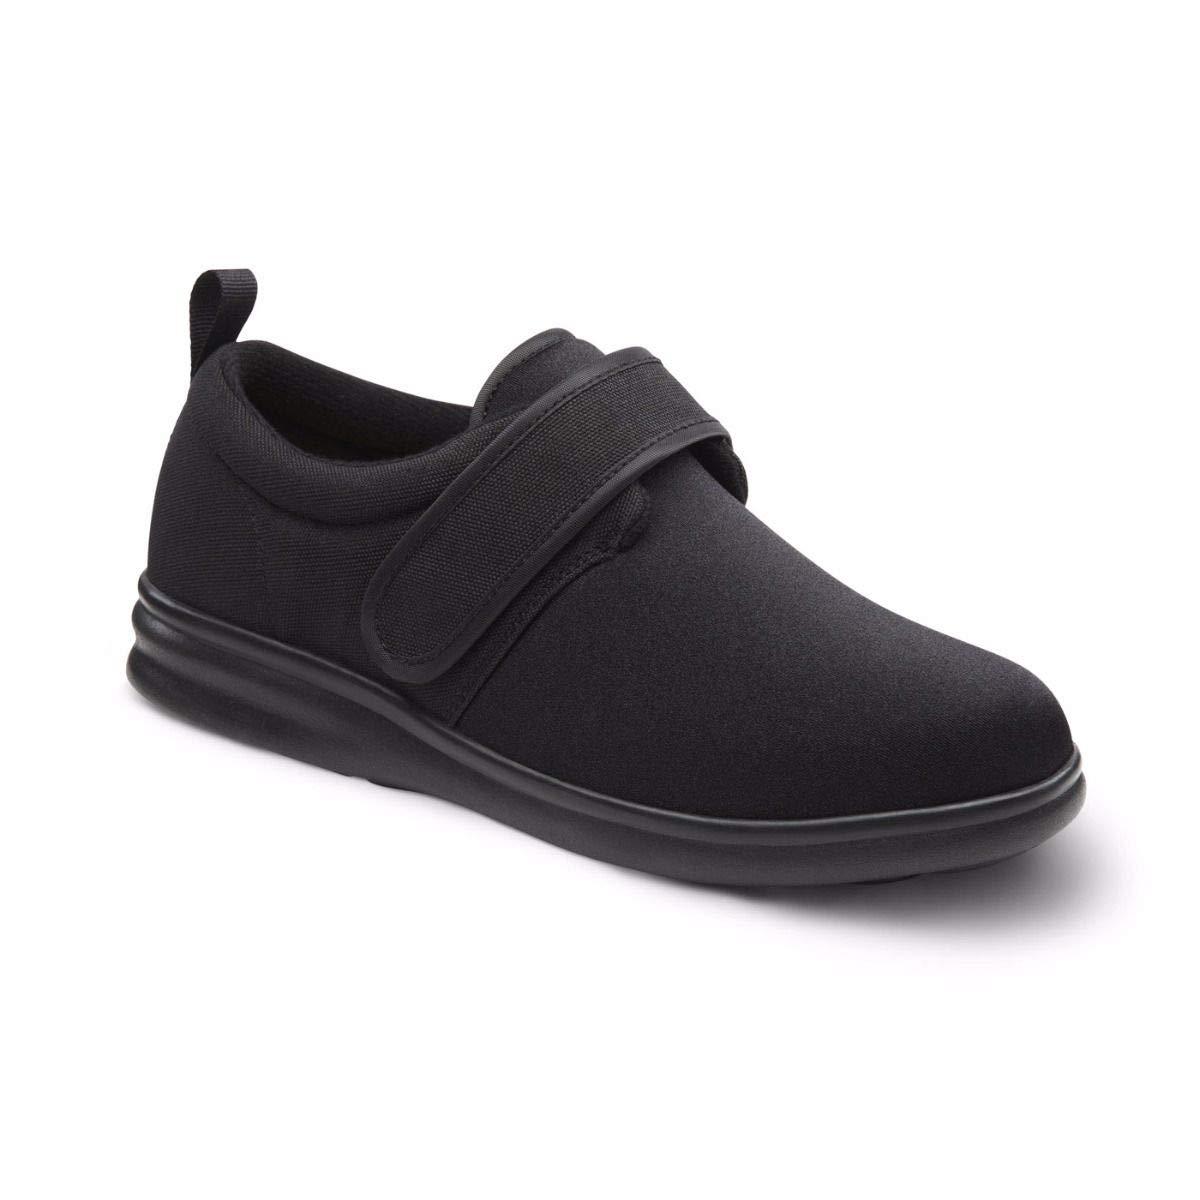 421c5a3c82ba8 Dr. Comfort Carter Mens Casual Shoe